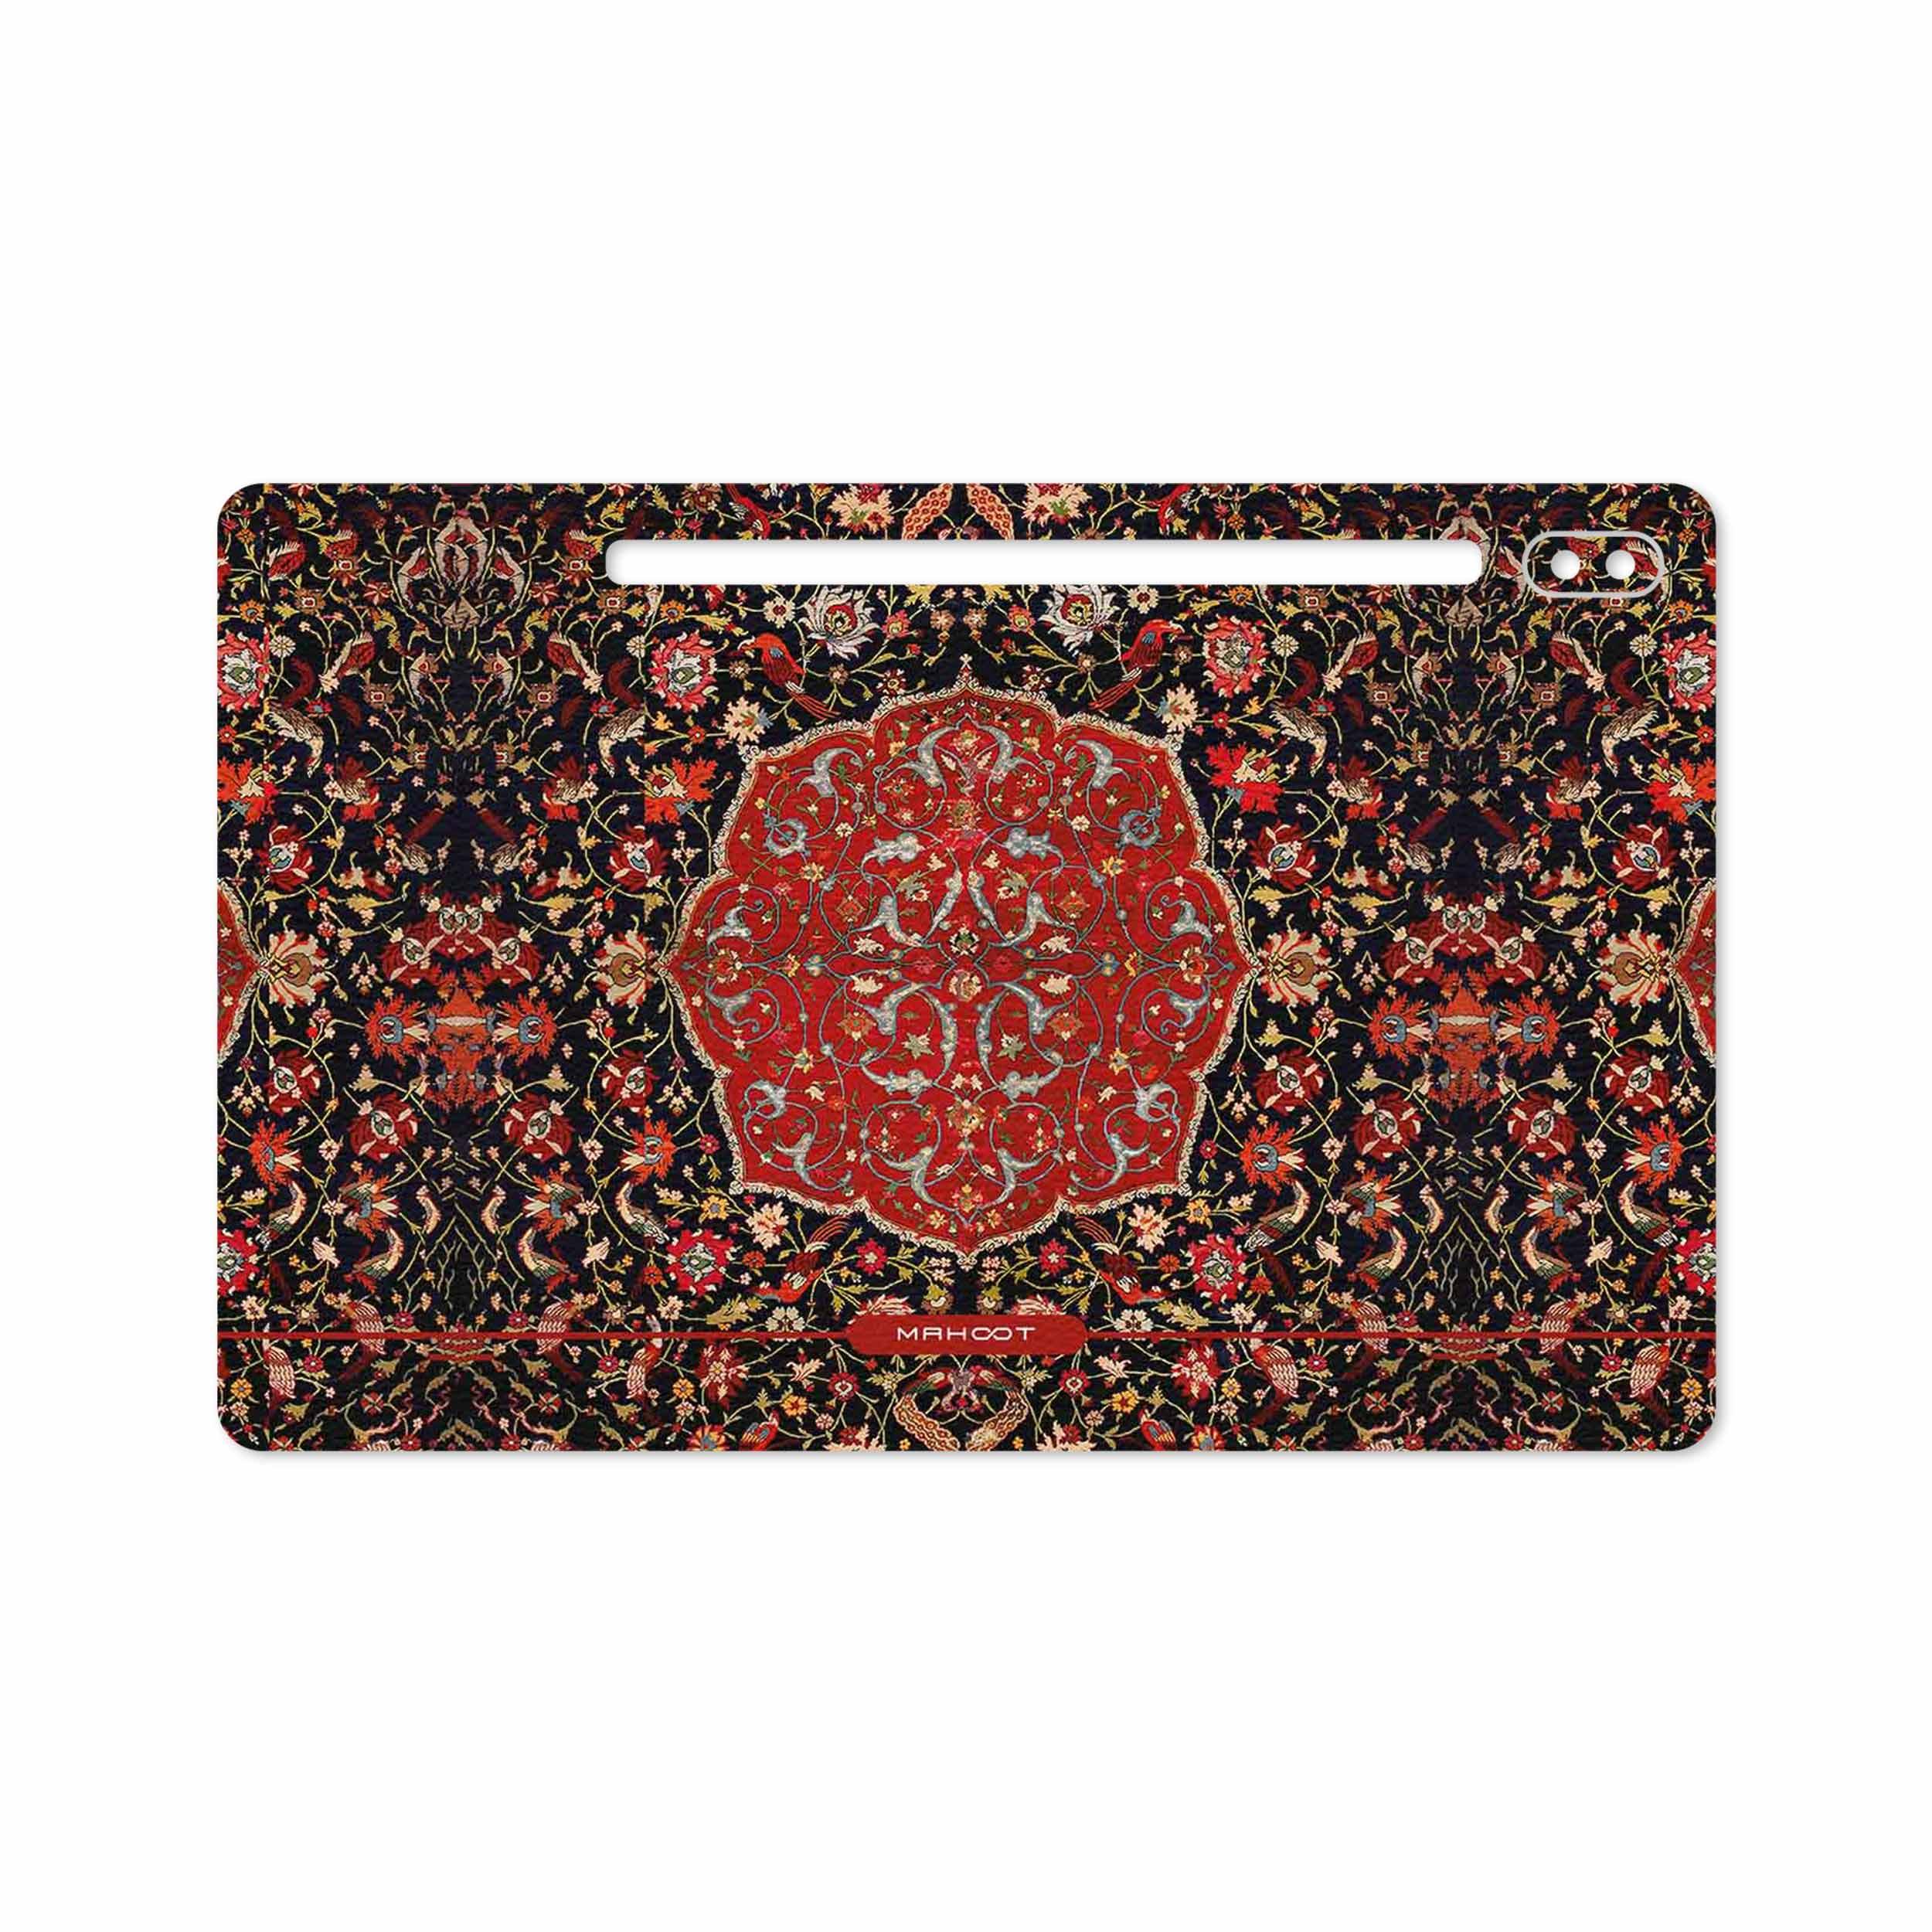 بررسی و خرید [با تخفیف]                                     برچسب پوششی ماهوت مدل Iran-Carpet6 مناسب برای تبلت سامسونگ Galaxy Tab S6 2019 SM-T865                             اورجینال